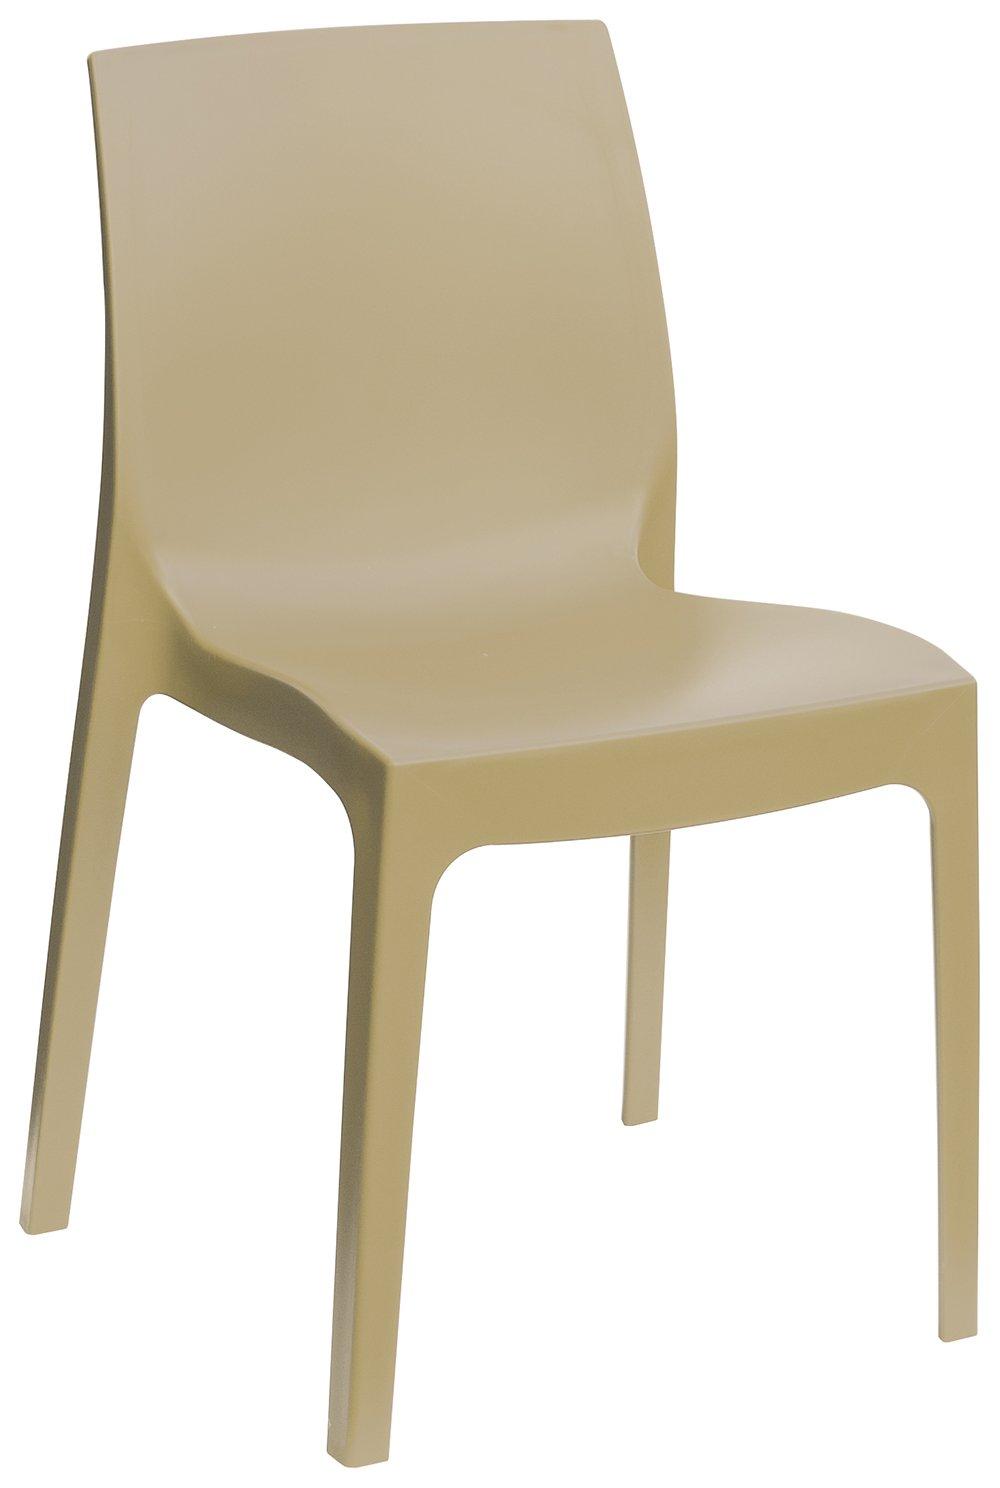 Sedia In Plastica Ufficio // Scuola Pi/ù Tavoletta Ribaltina Scrittoio Giallo KARISMA TAV. ISO POINT D//2